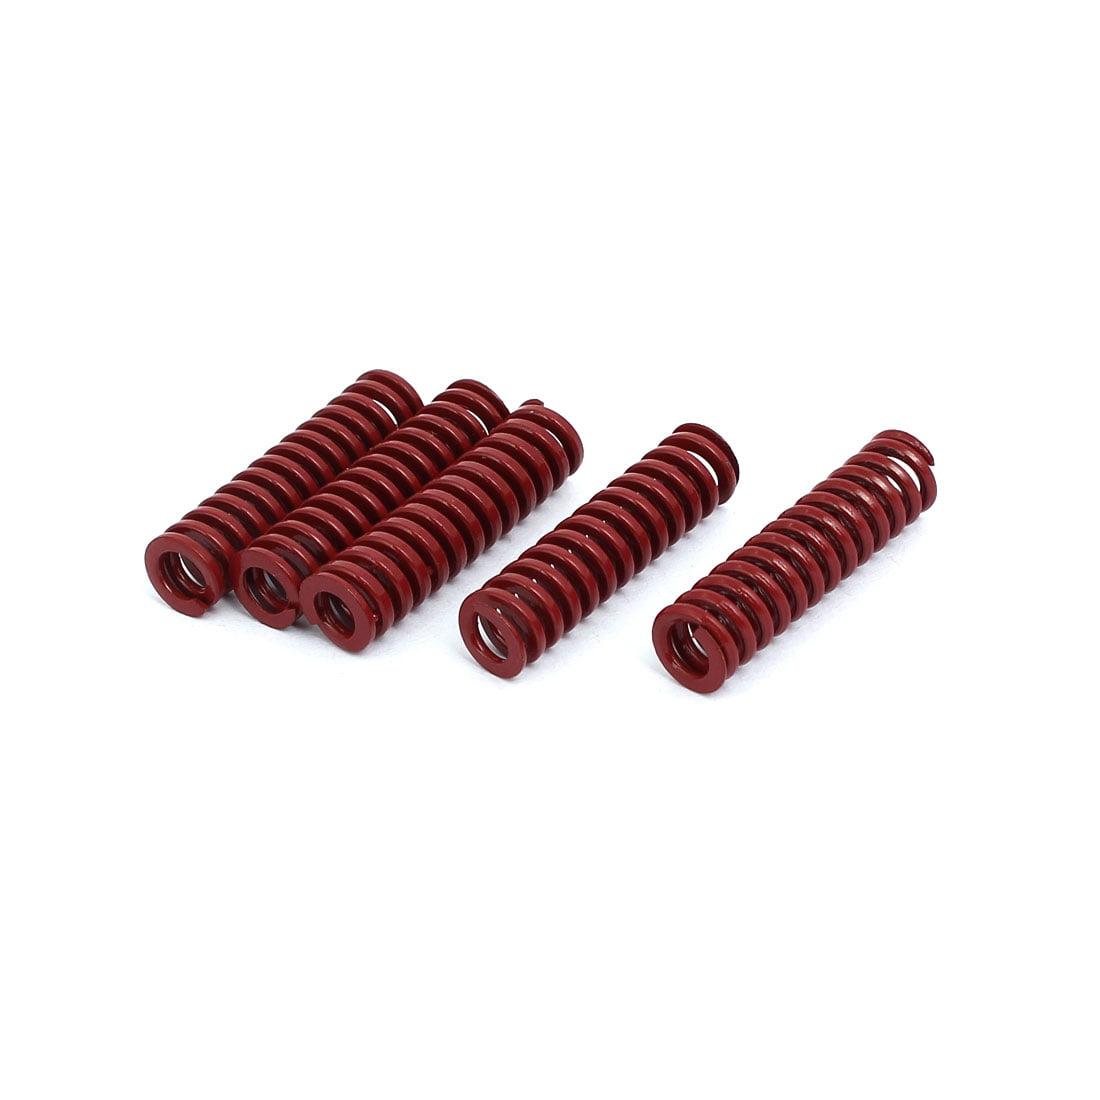 Unique Bargains 8mm OD 30mm Length Medium Load Compression Mould Die Spring Red 5pcs - image 3 of 3